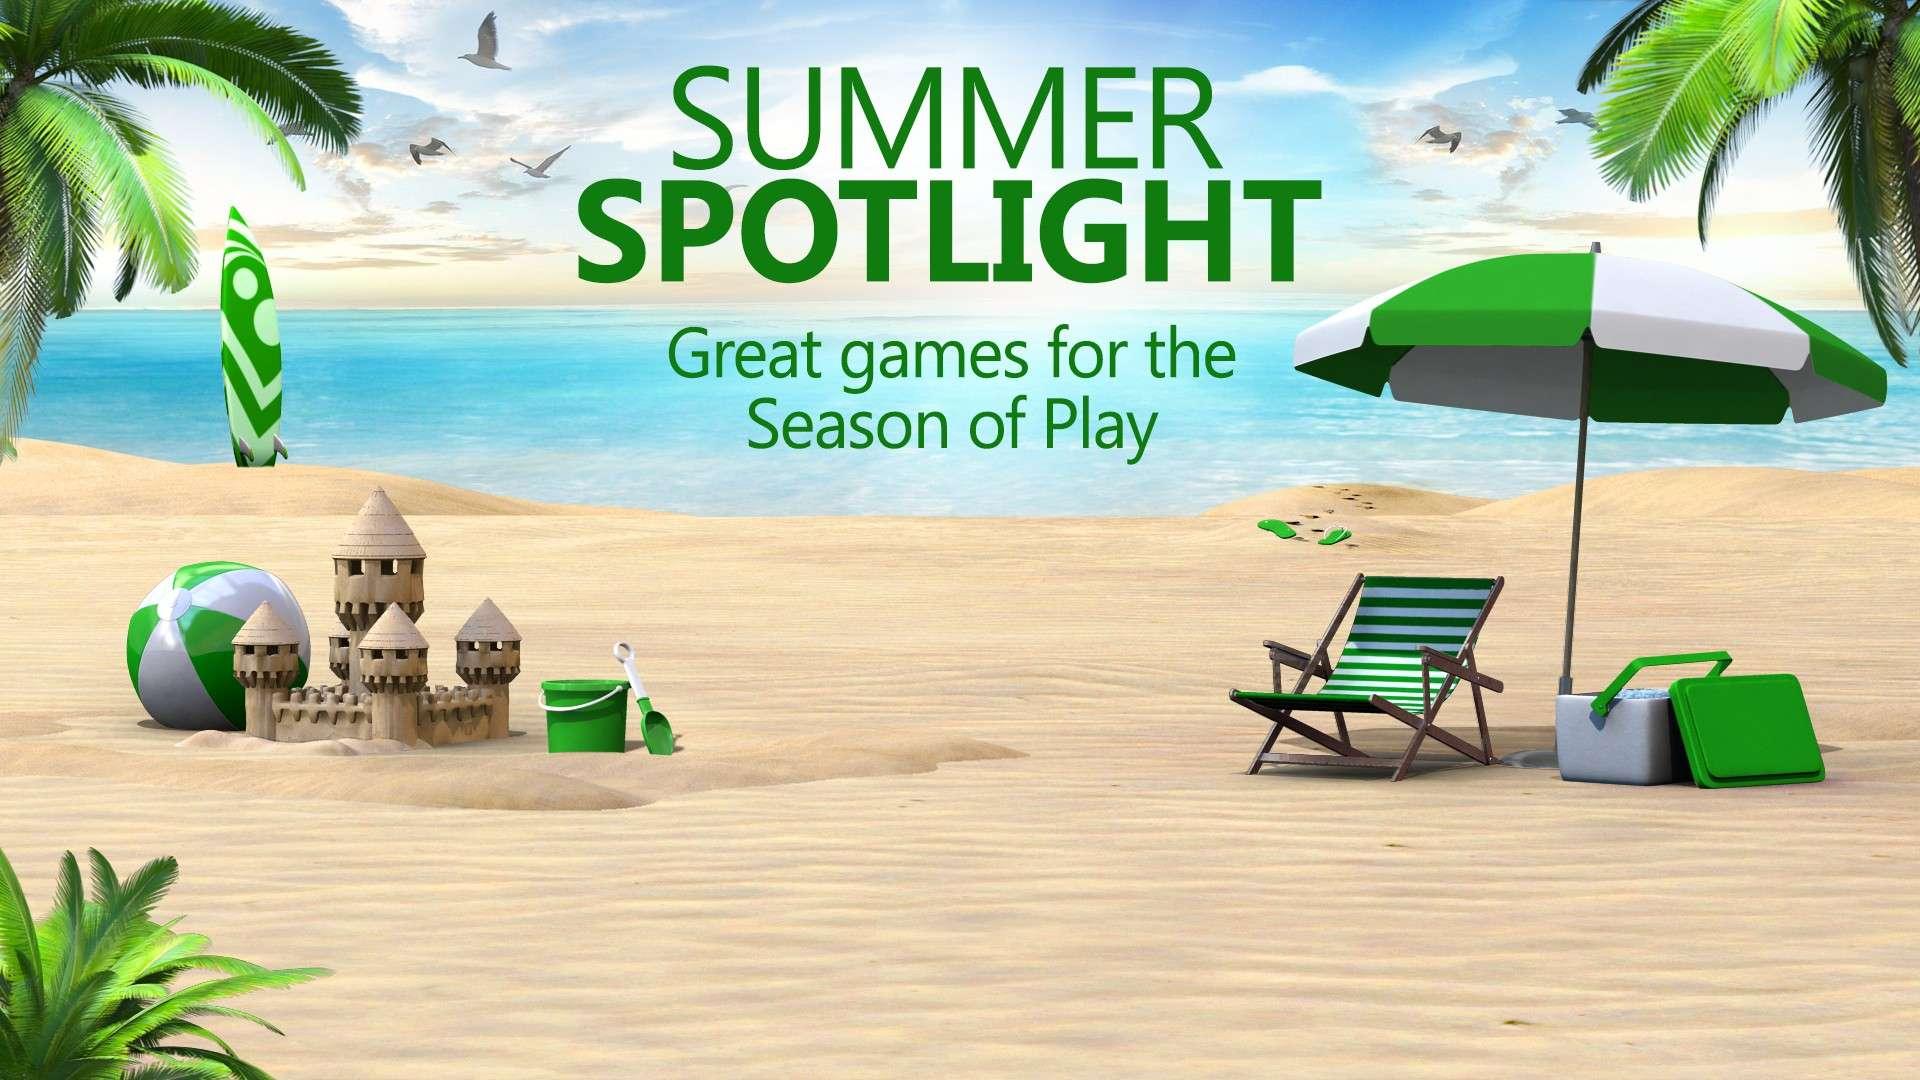 Summer Spotlight 2021 con 75 nuevos juegos para Xbox